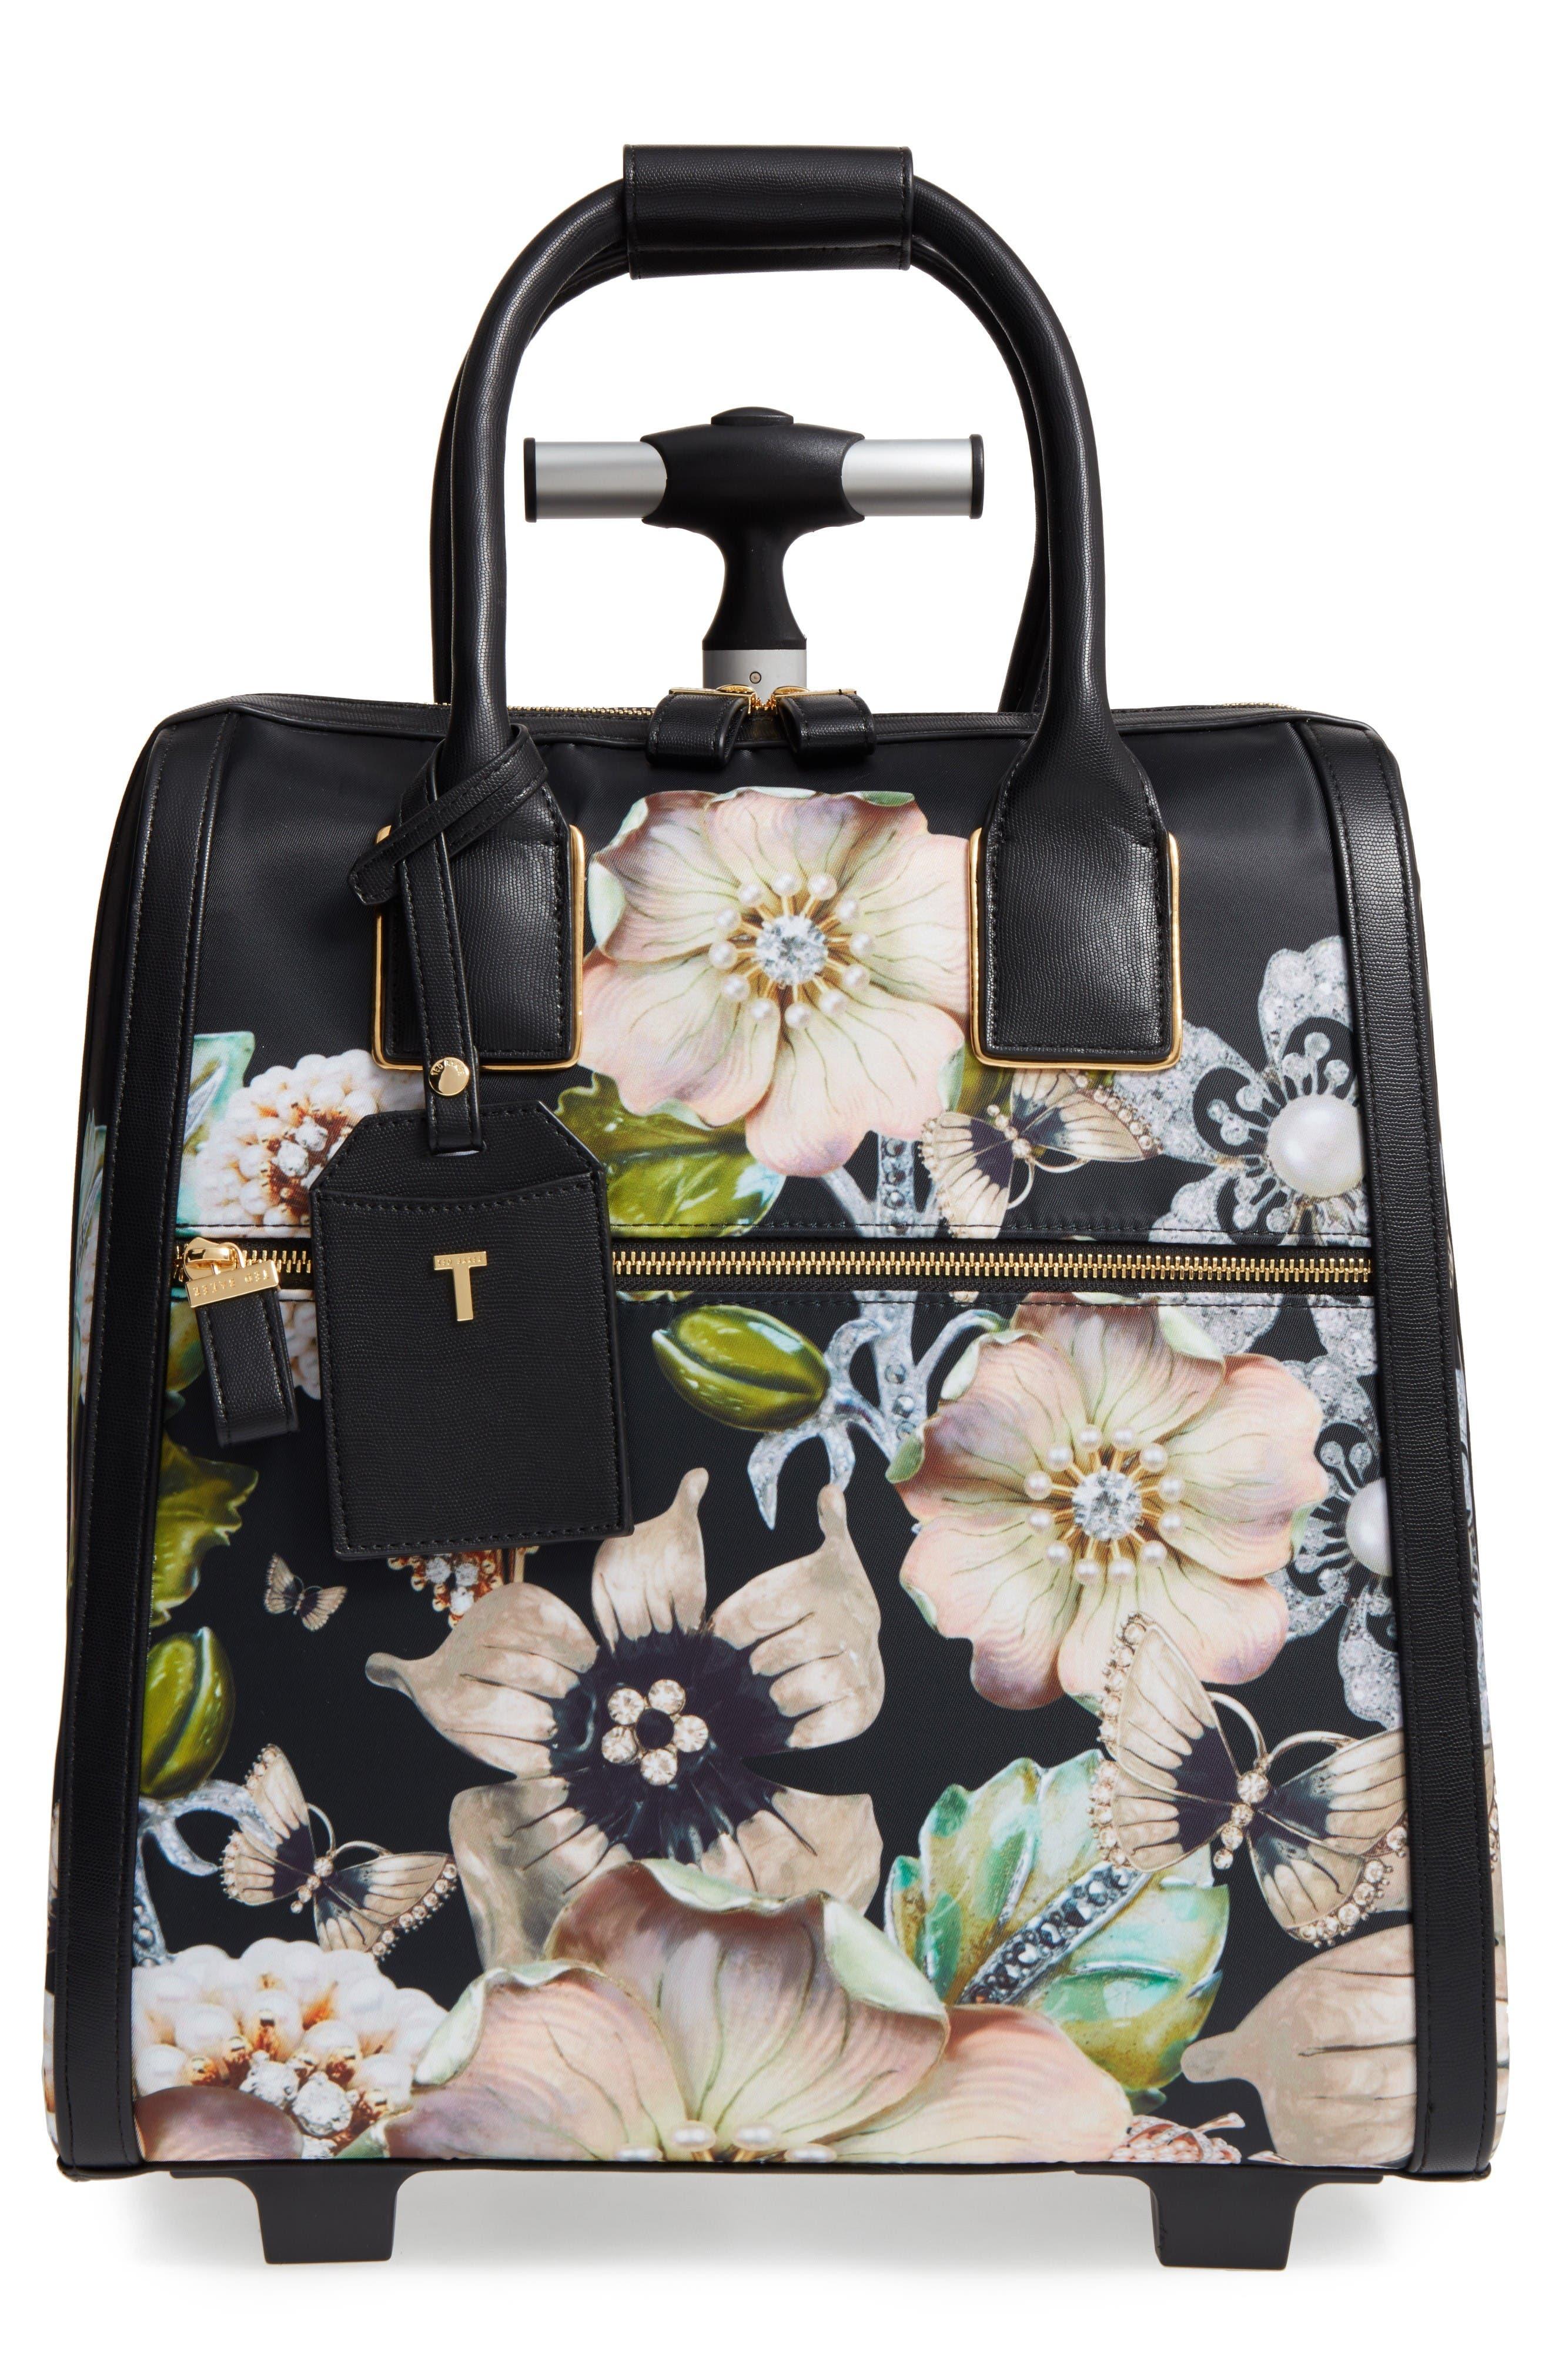 Ted Baker London Inez Gem Gardens Two-Wheel Travel Bag (16 Inch)